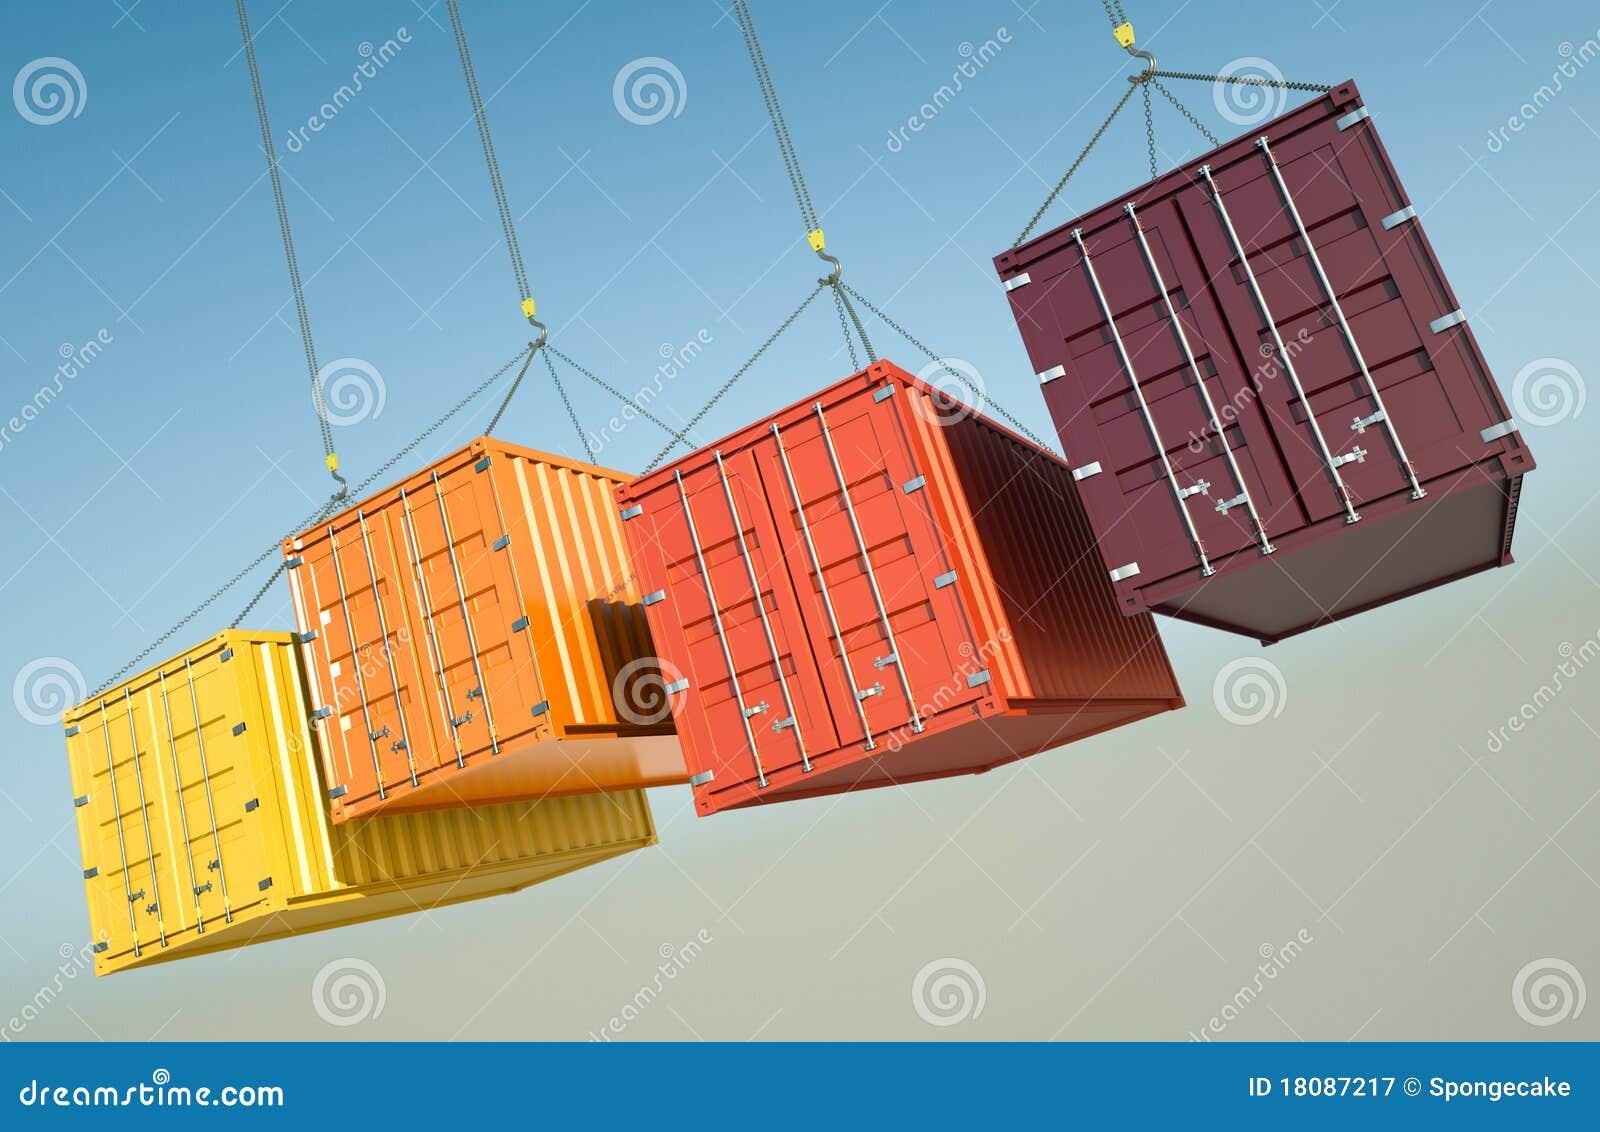 Verschepende Containers